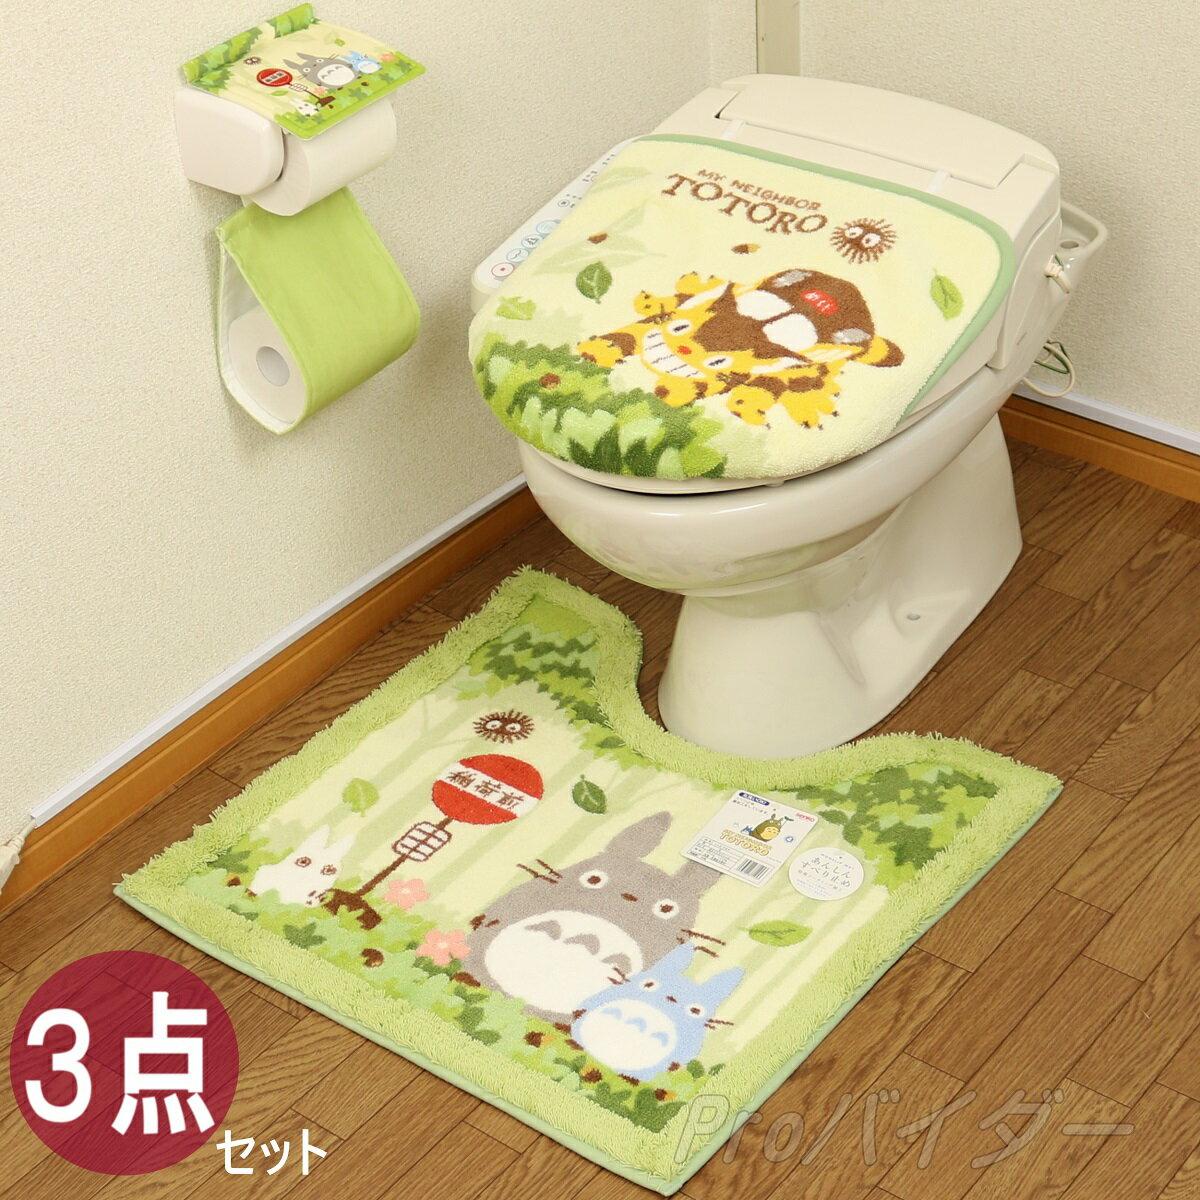 トイレマット・カバー・シート, トイレマット・カバーセット  3 OU totoro My Neighbor Totoro 3 2019